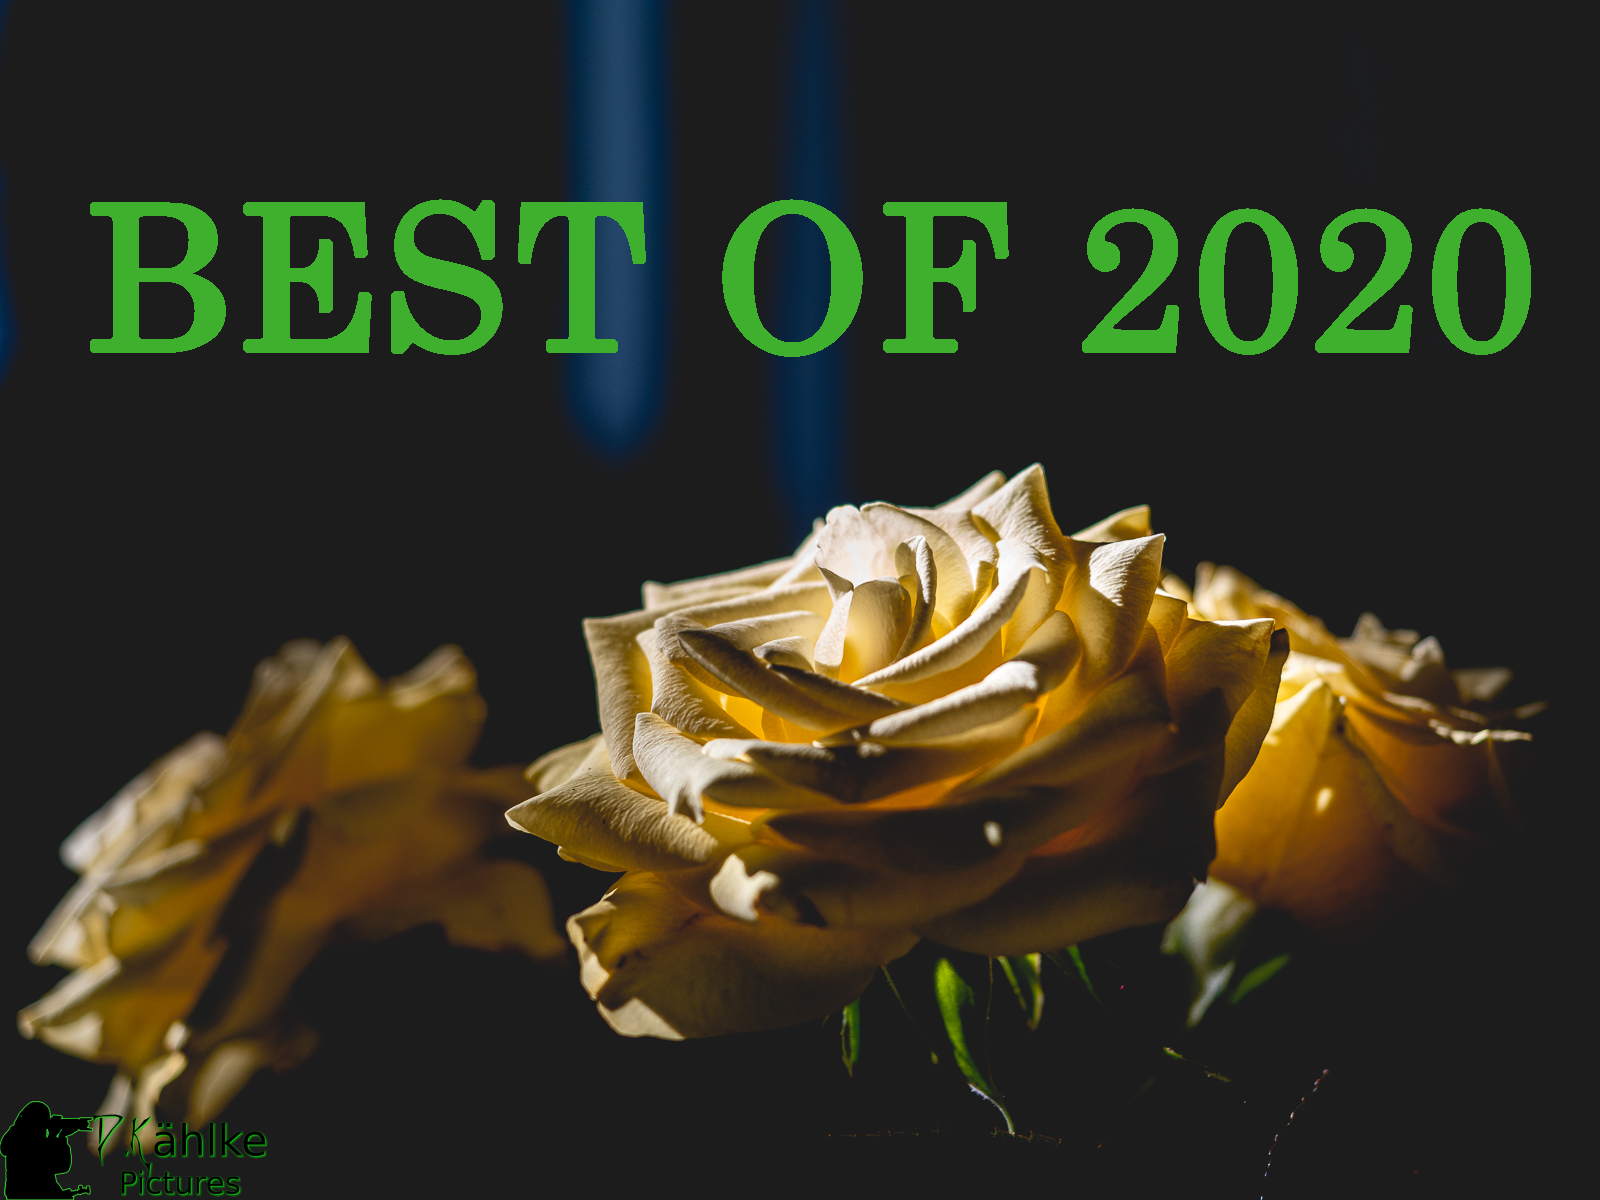 Best Of - 2020